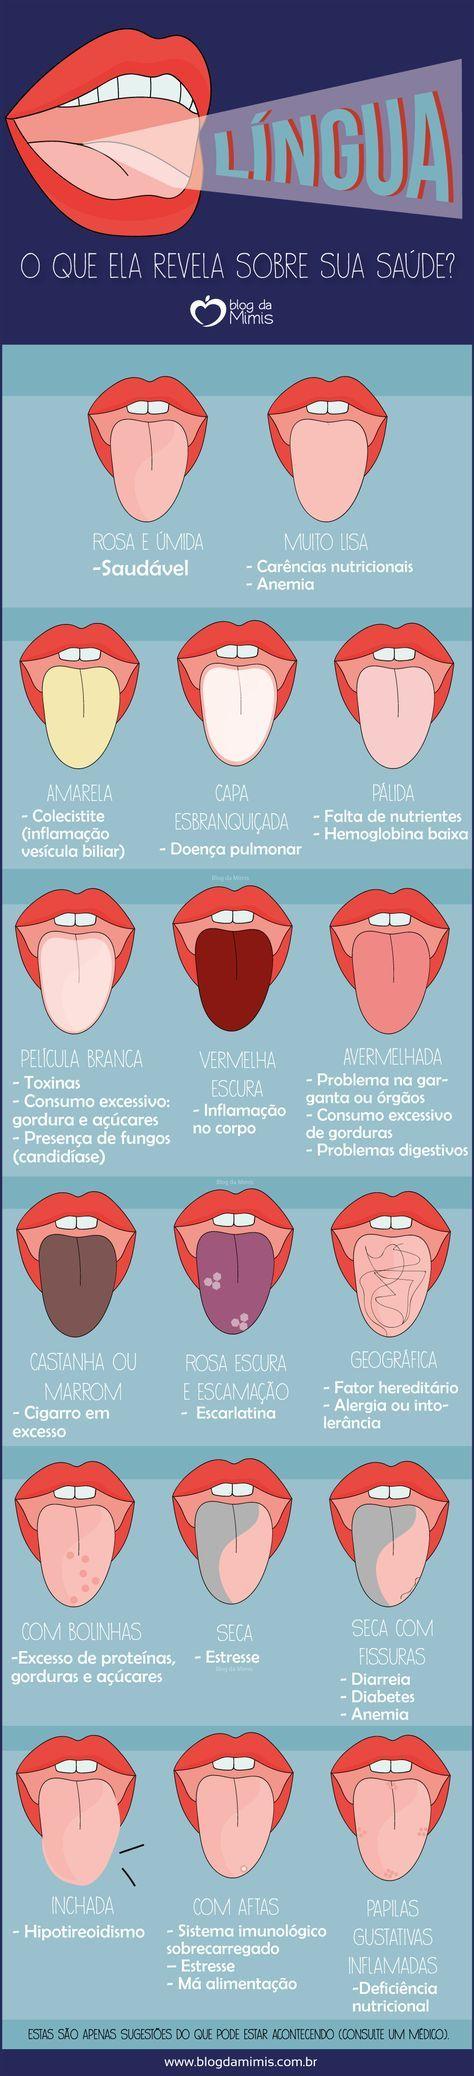 A língua é um órgão do sistema digestivo de fácil acesso e visualização que pode nos dizer muito sobre a nossa saúde. Em frente ao espelho ou com ajuda de outra pessoa, é possível identificar possíveis alterações do organismo apenas…